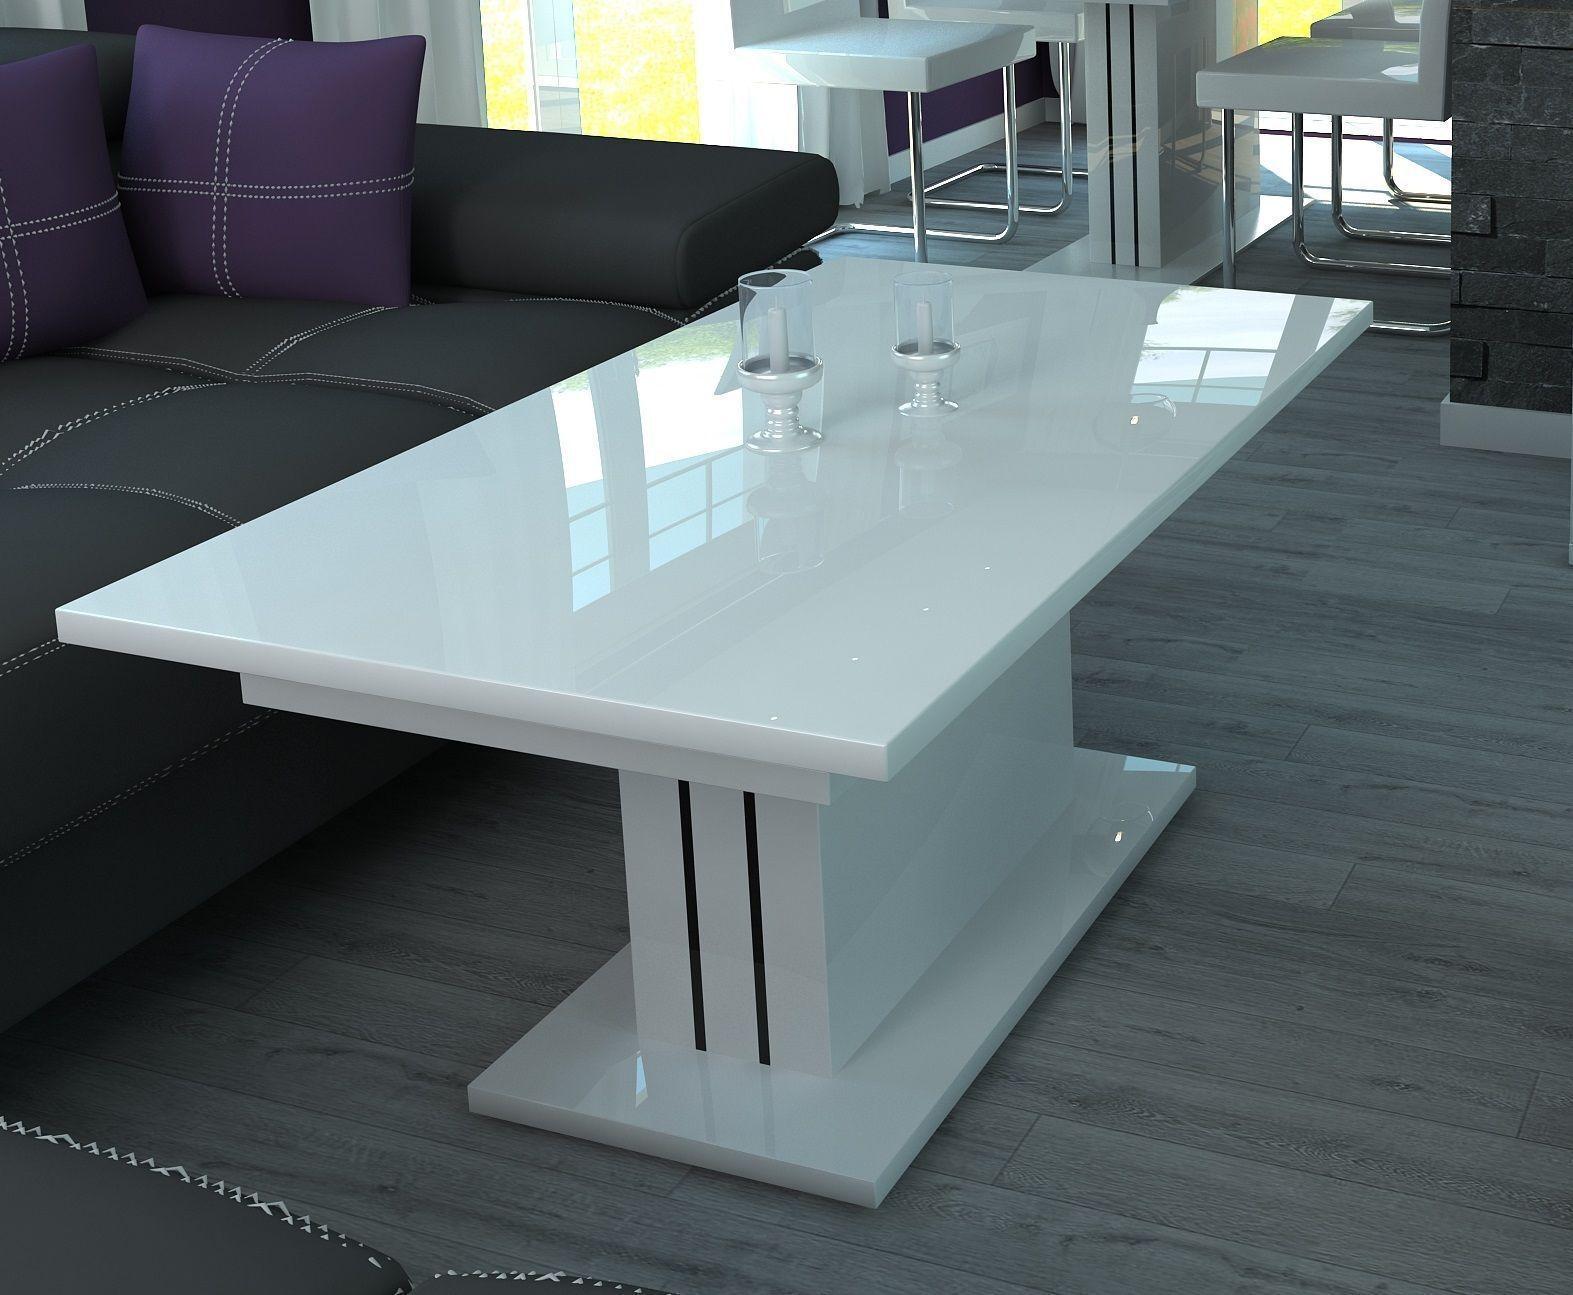 couchtisch hochglanz wei ausziehbar wohnzimmer design modern edler sofatisch kaufen bei go. Black Bedroom Furniture Sets. Home Design Ideas